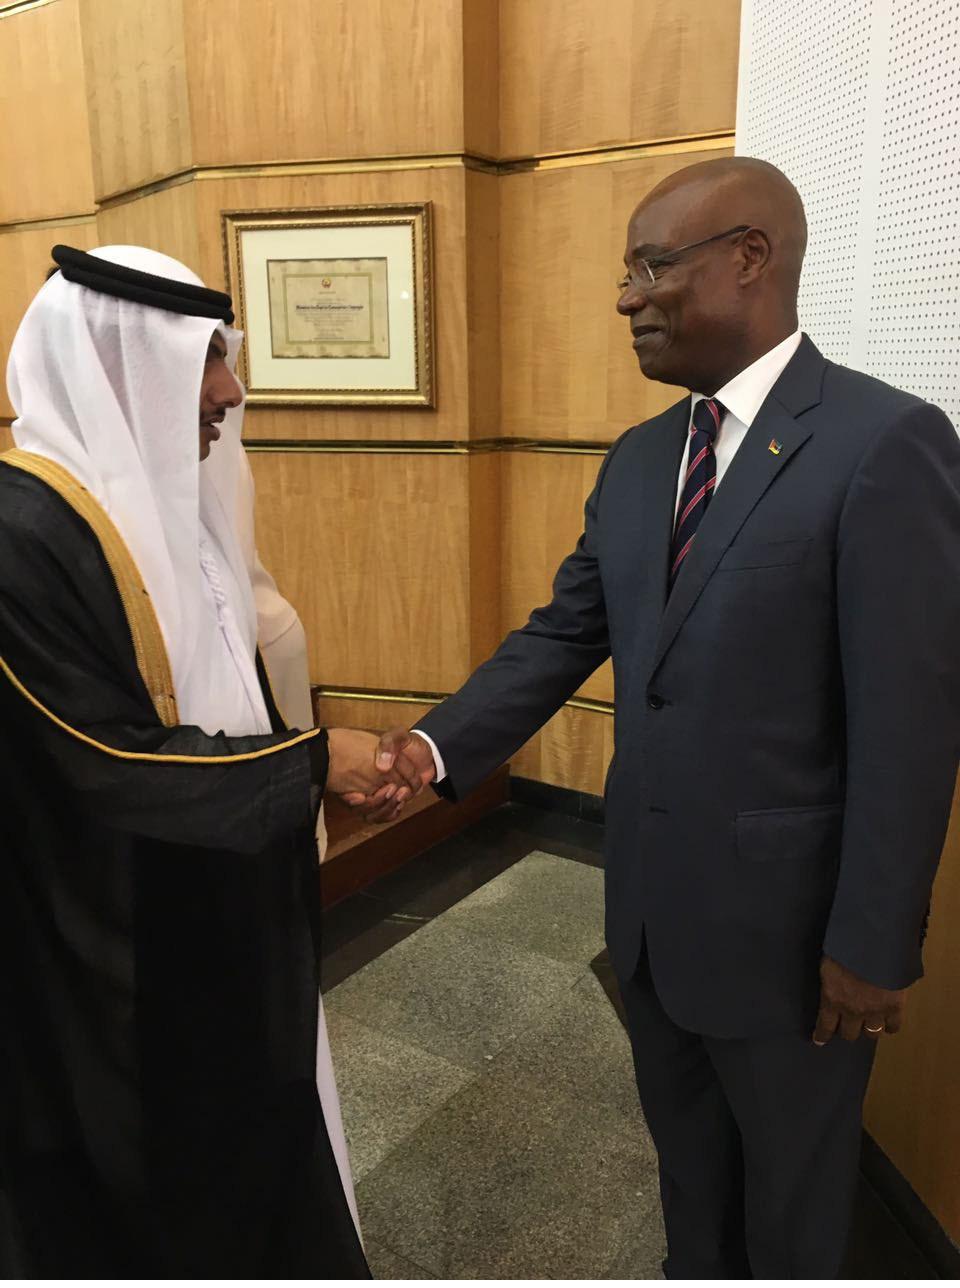 الدكتور راشد العفاري  يلتقى بوزير الخارجية والتعاون في موزمبيق